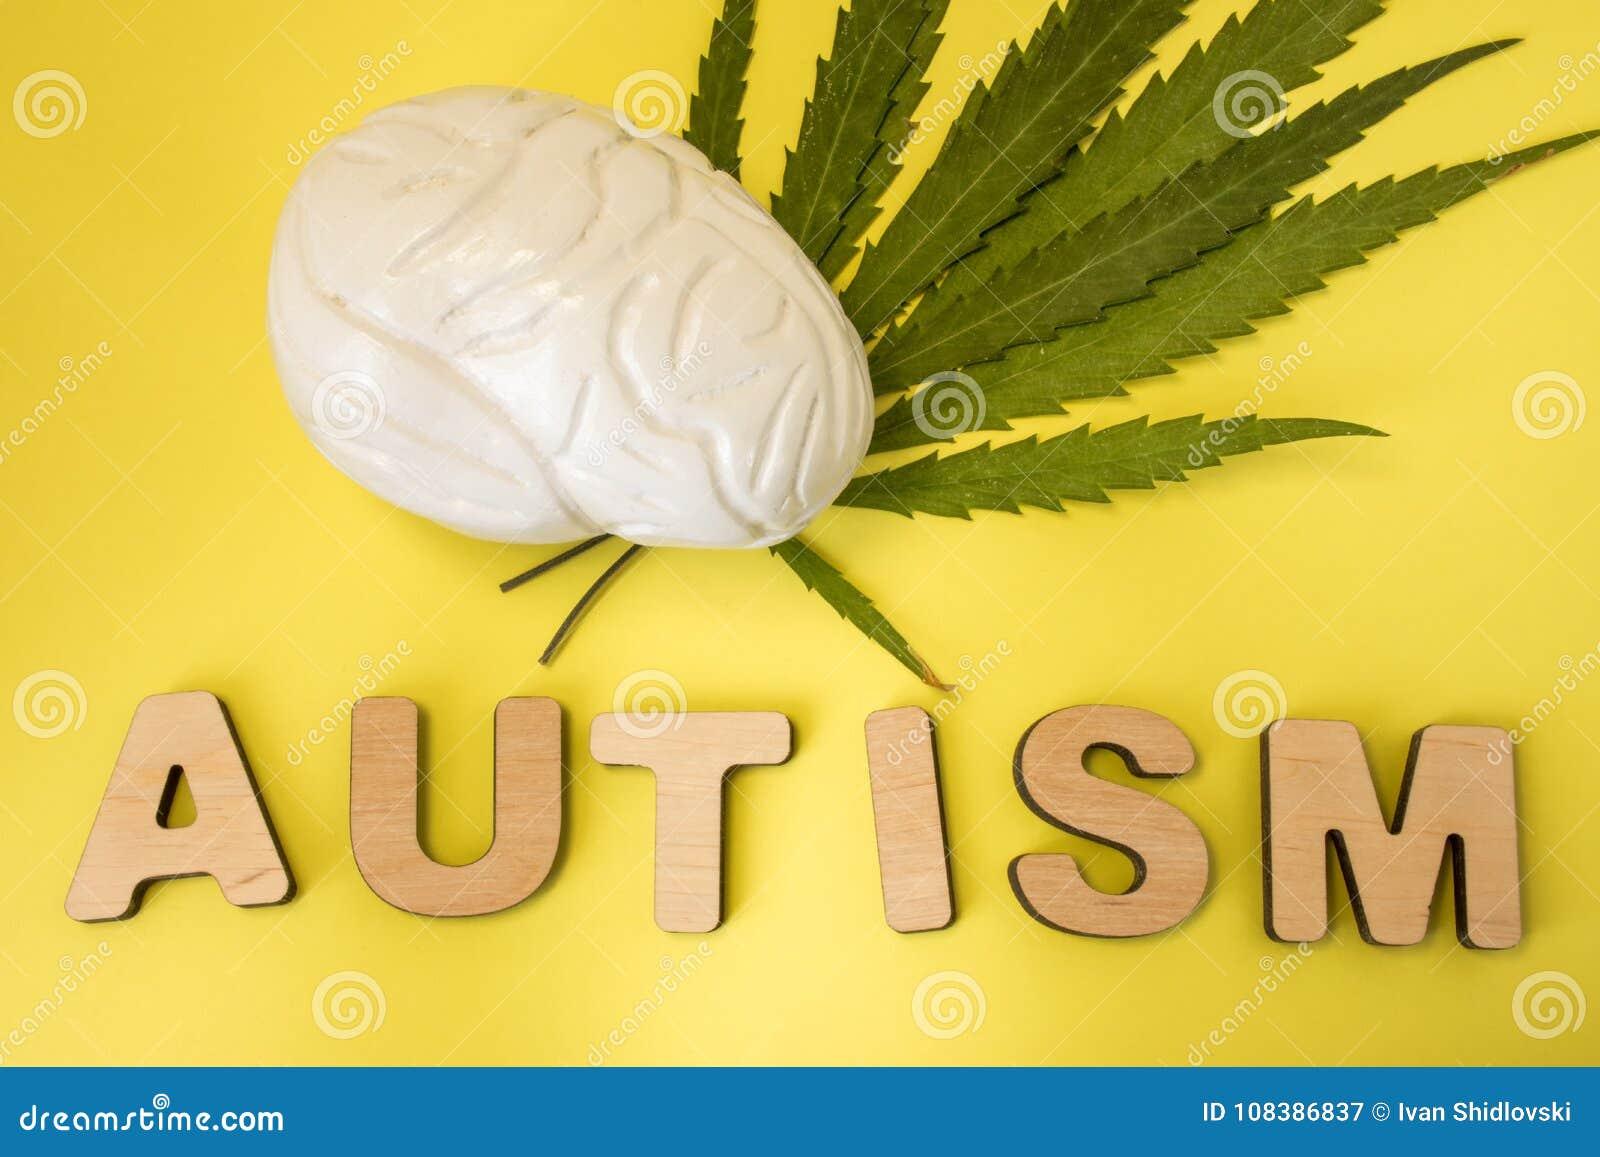 Аутизм и марихуана конопля в торфяных таблетках